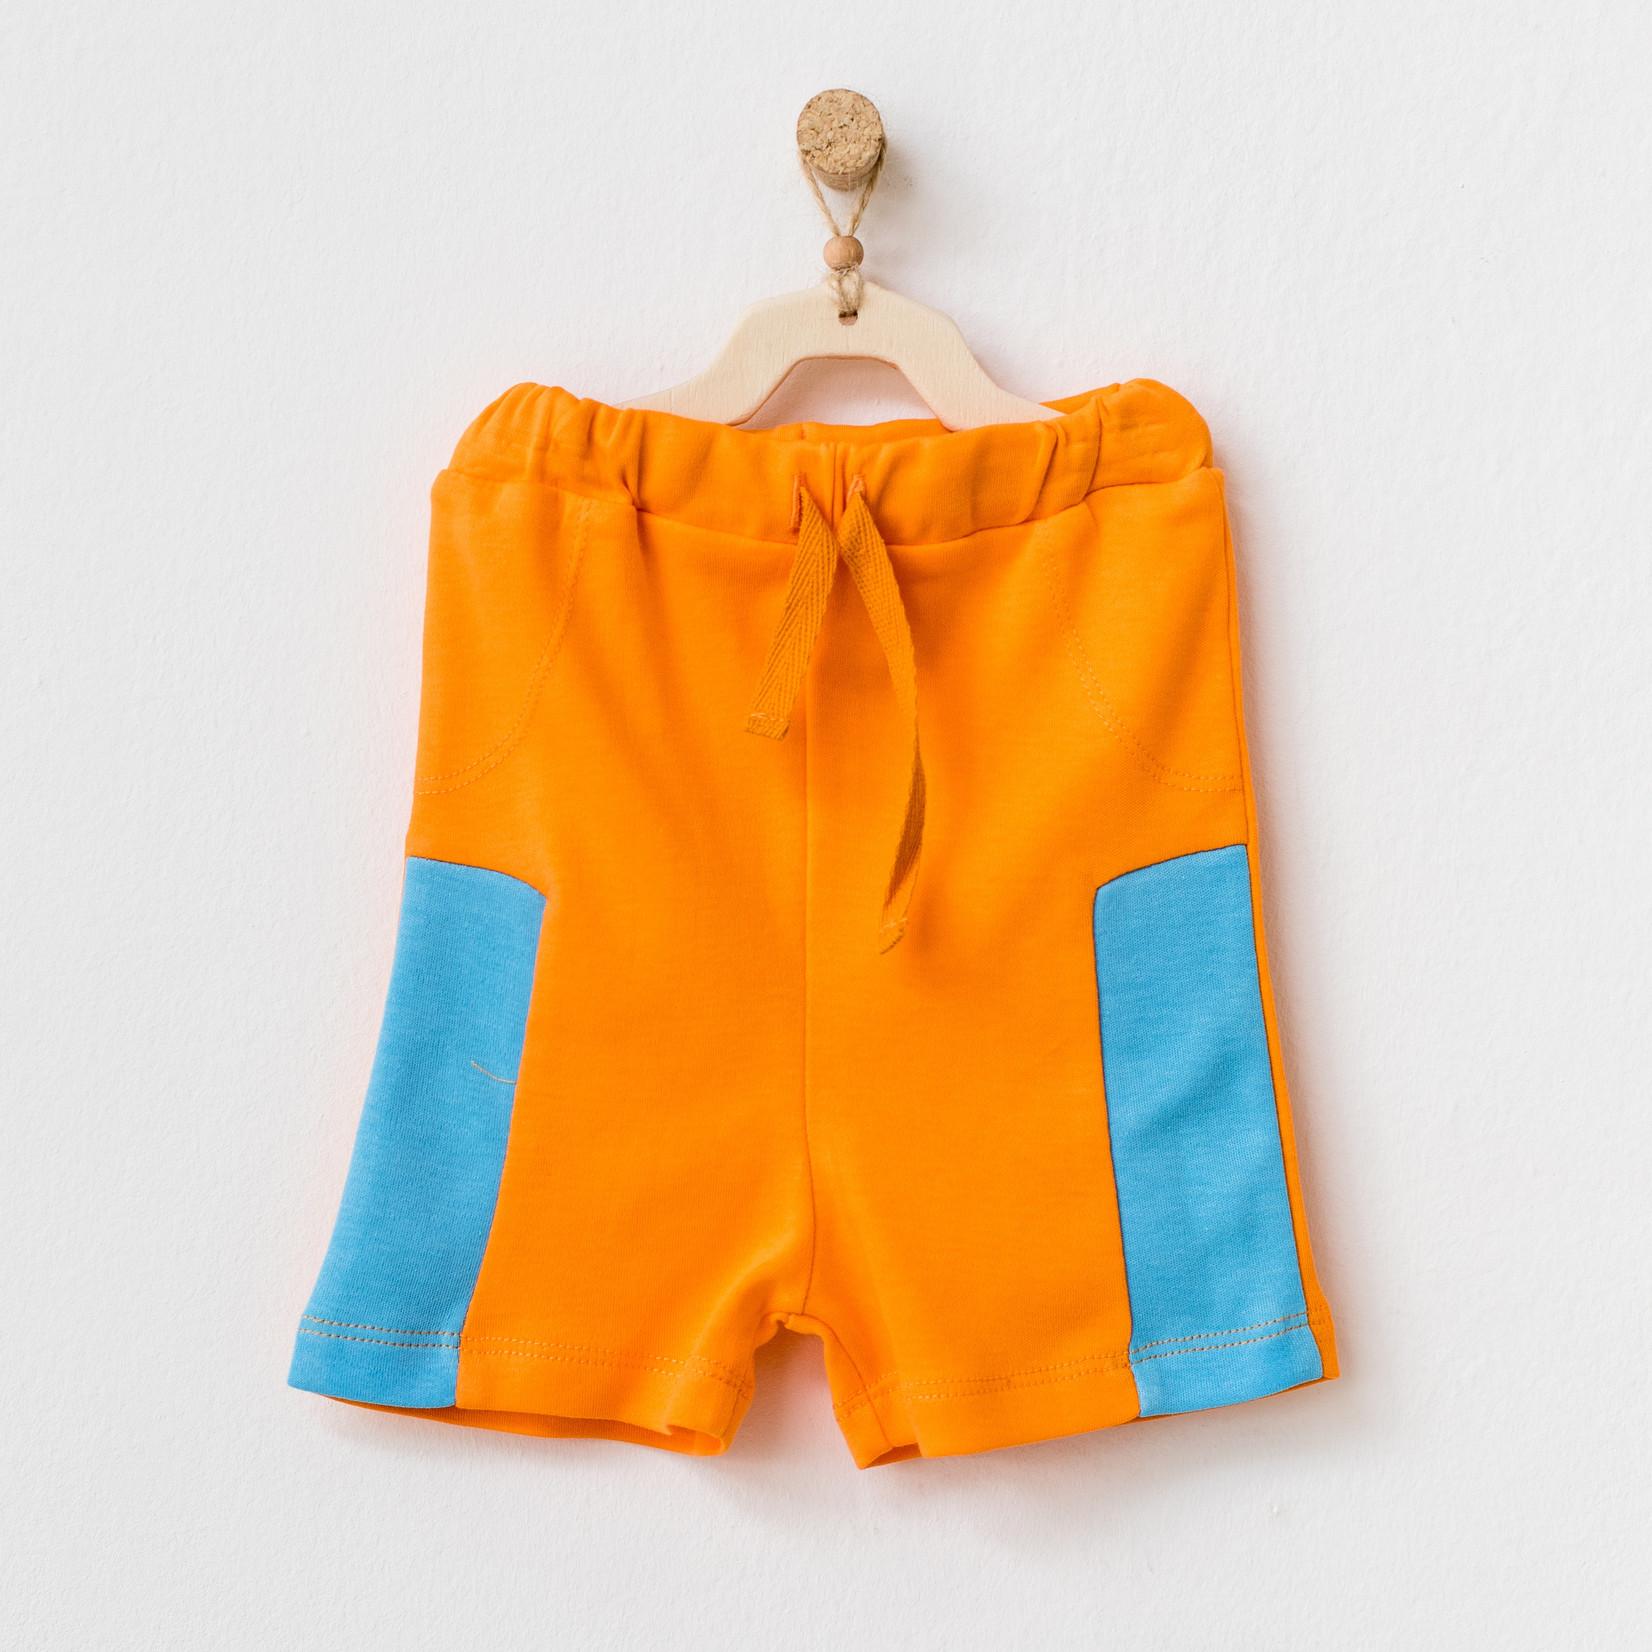 Oranje Short voor Babyjongens Play Time